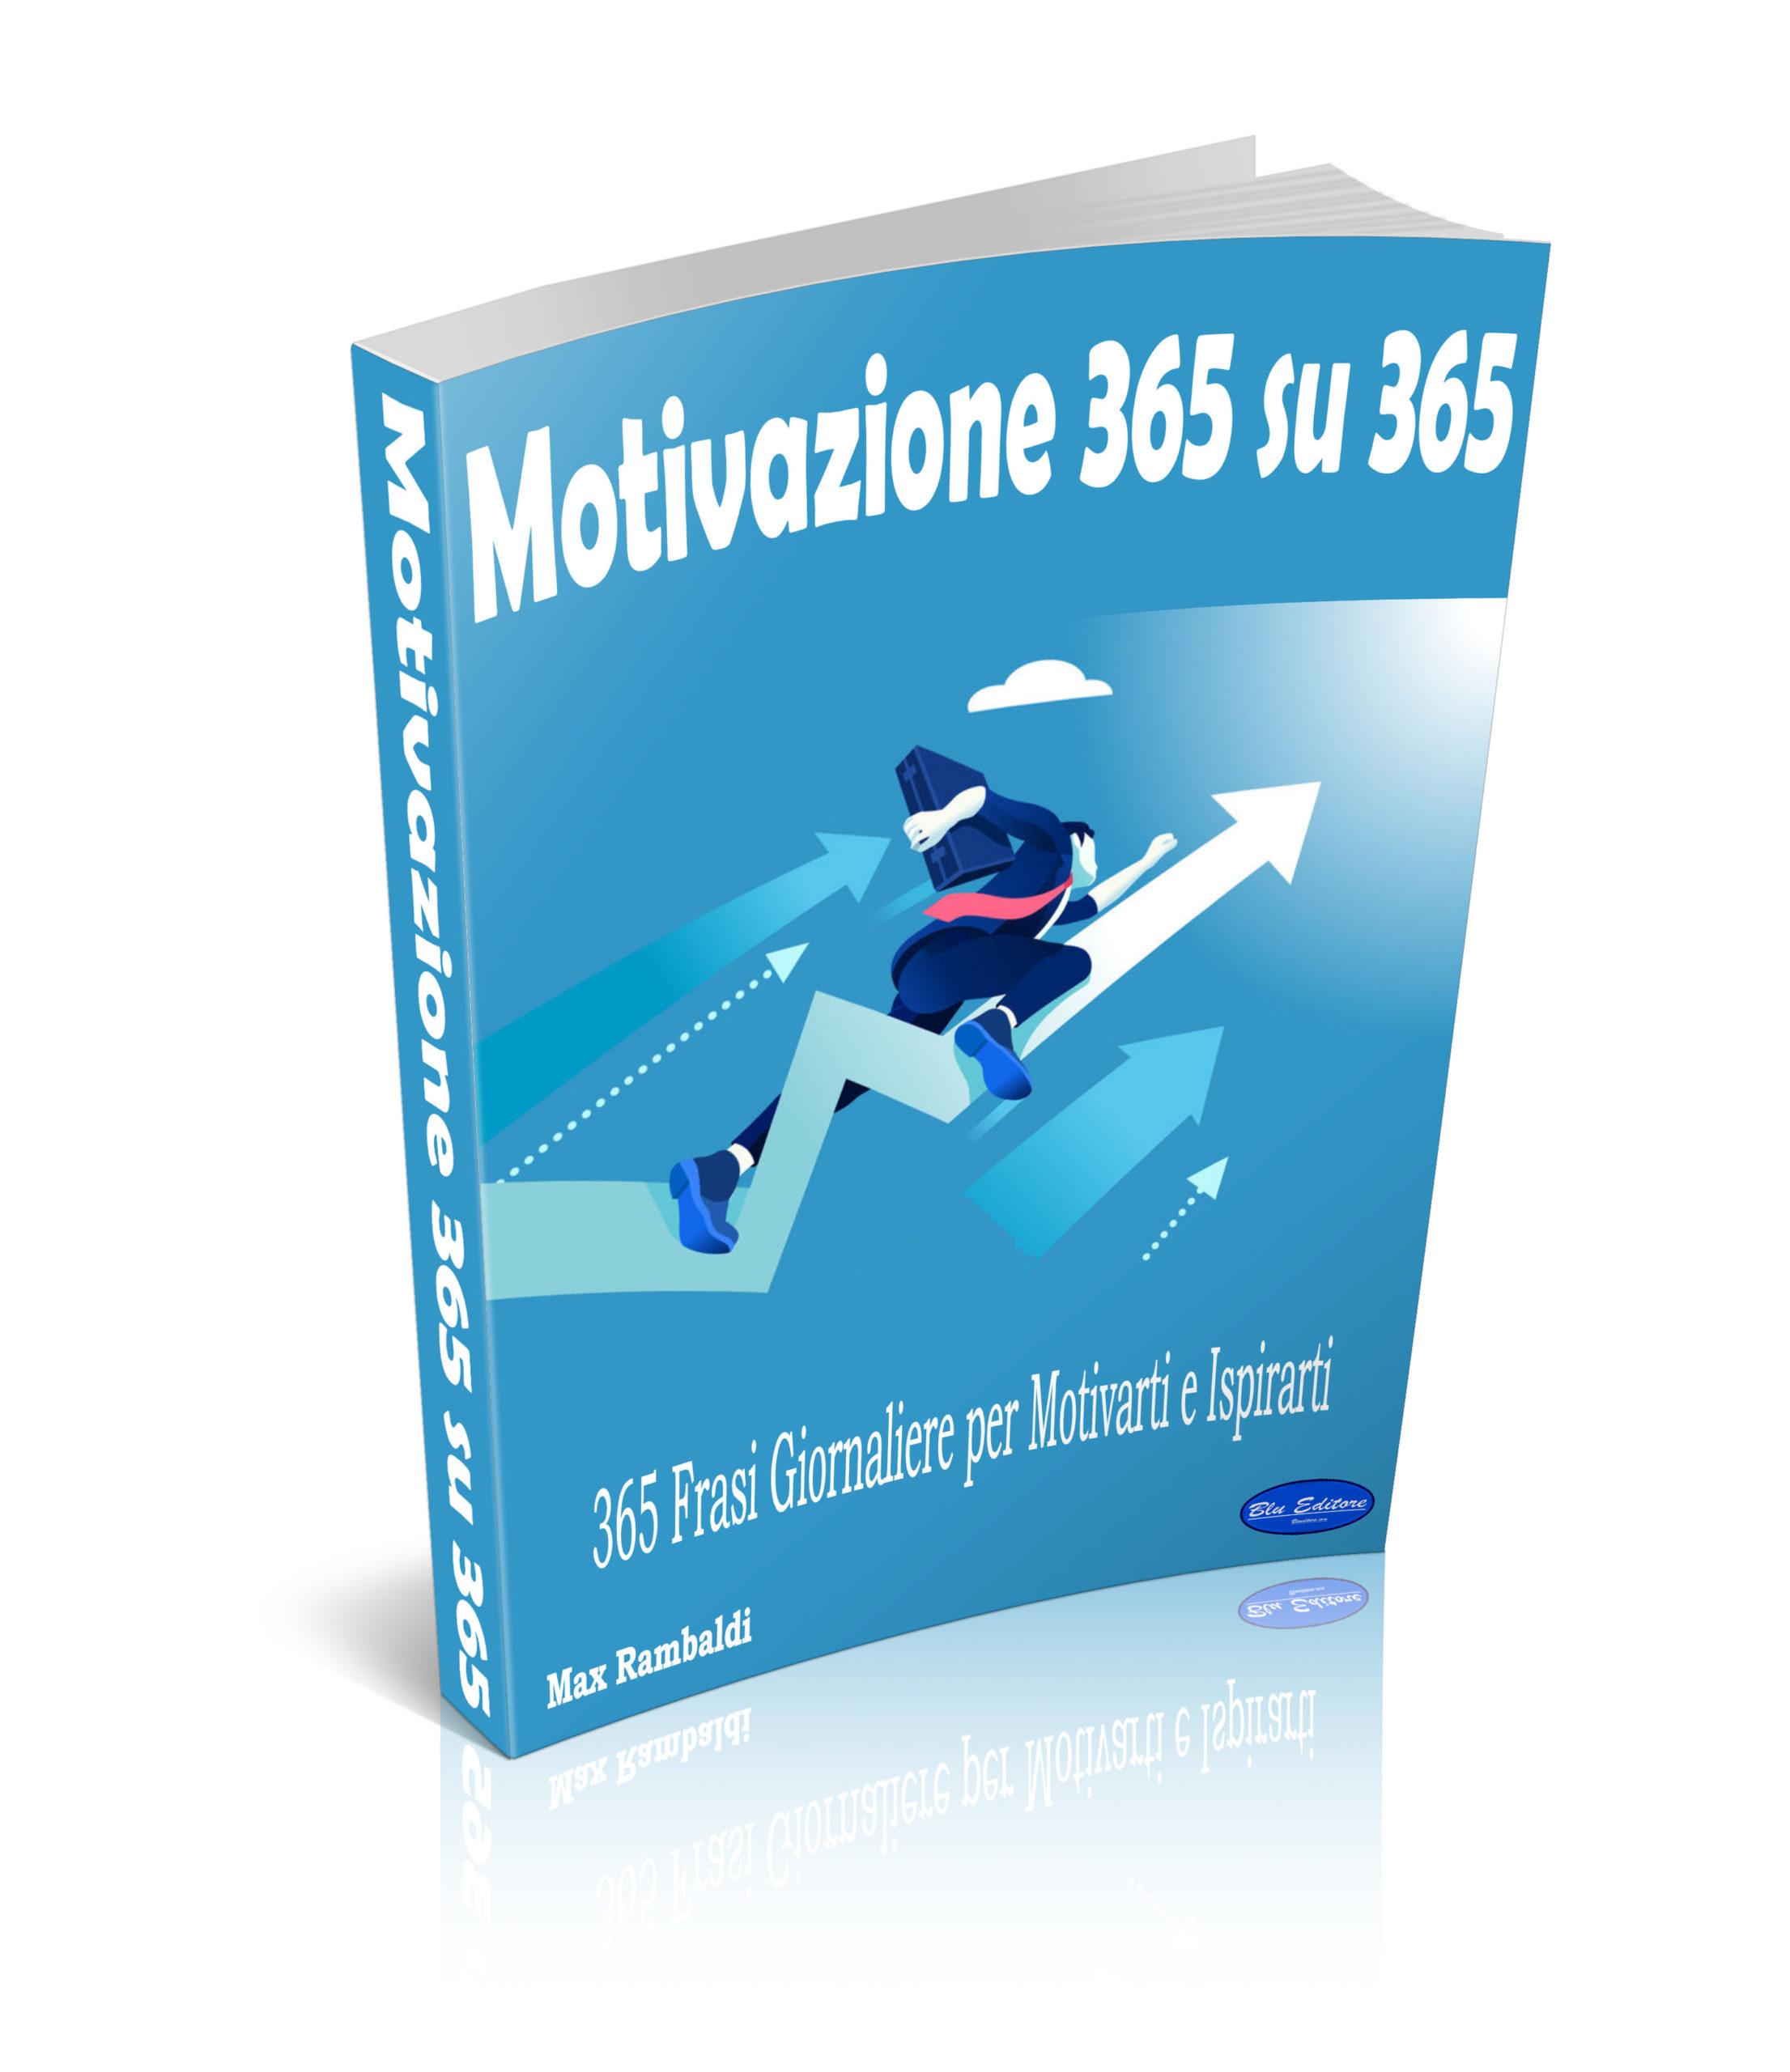 Motivazione 365 su 365